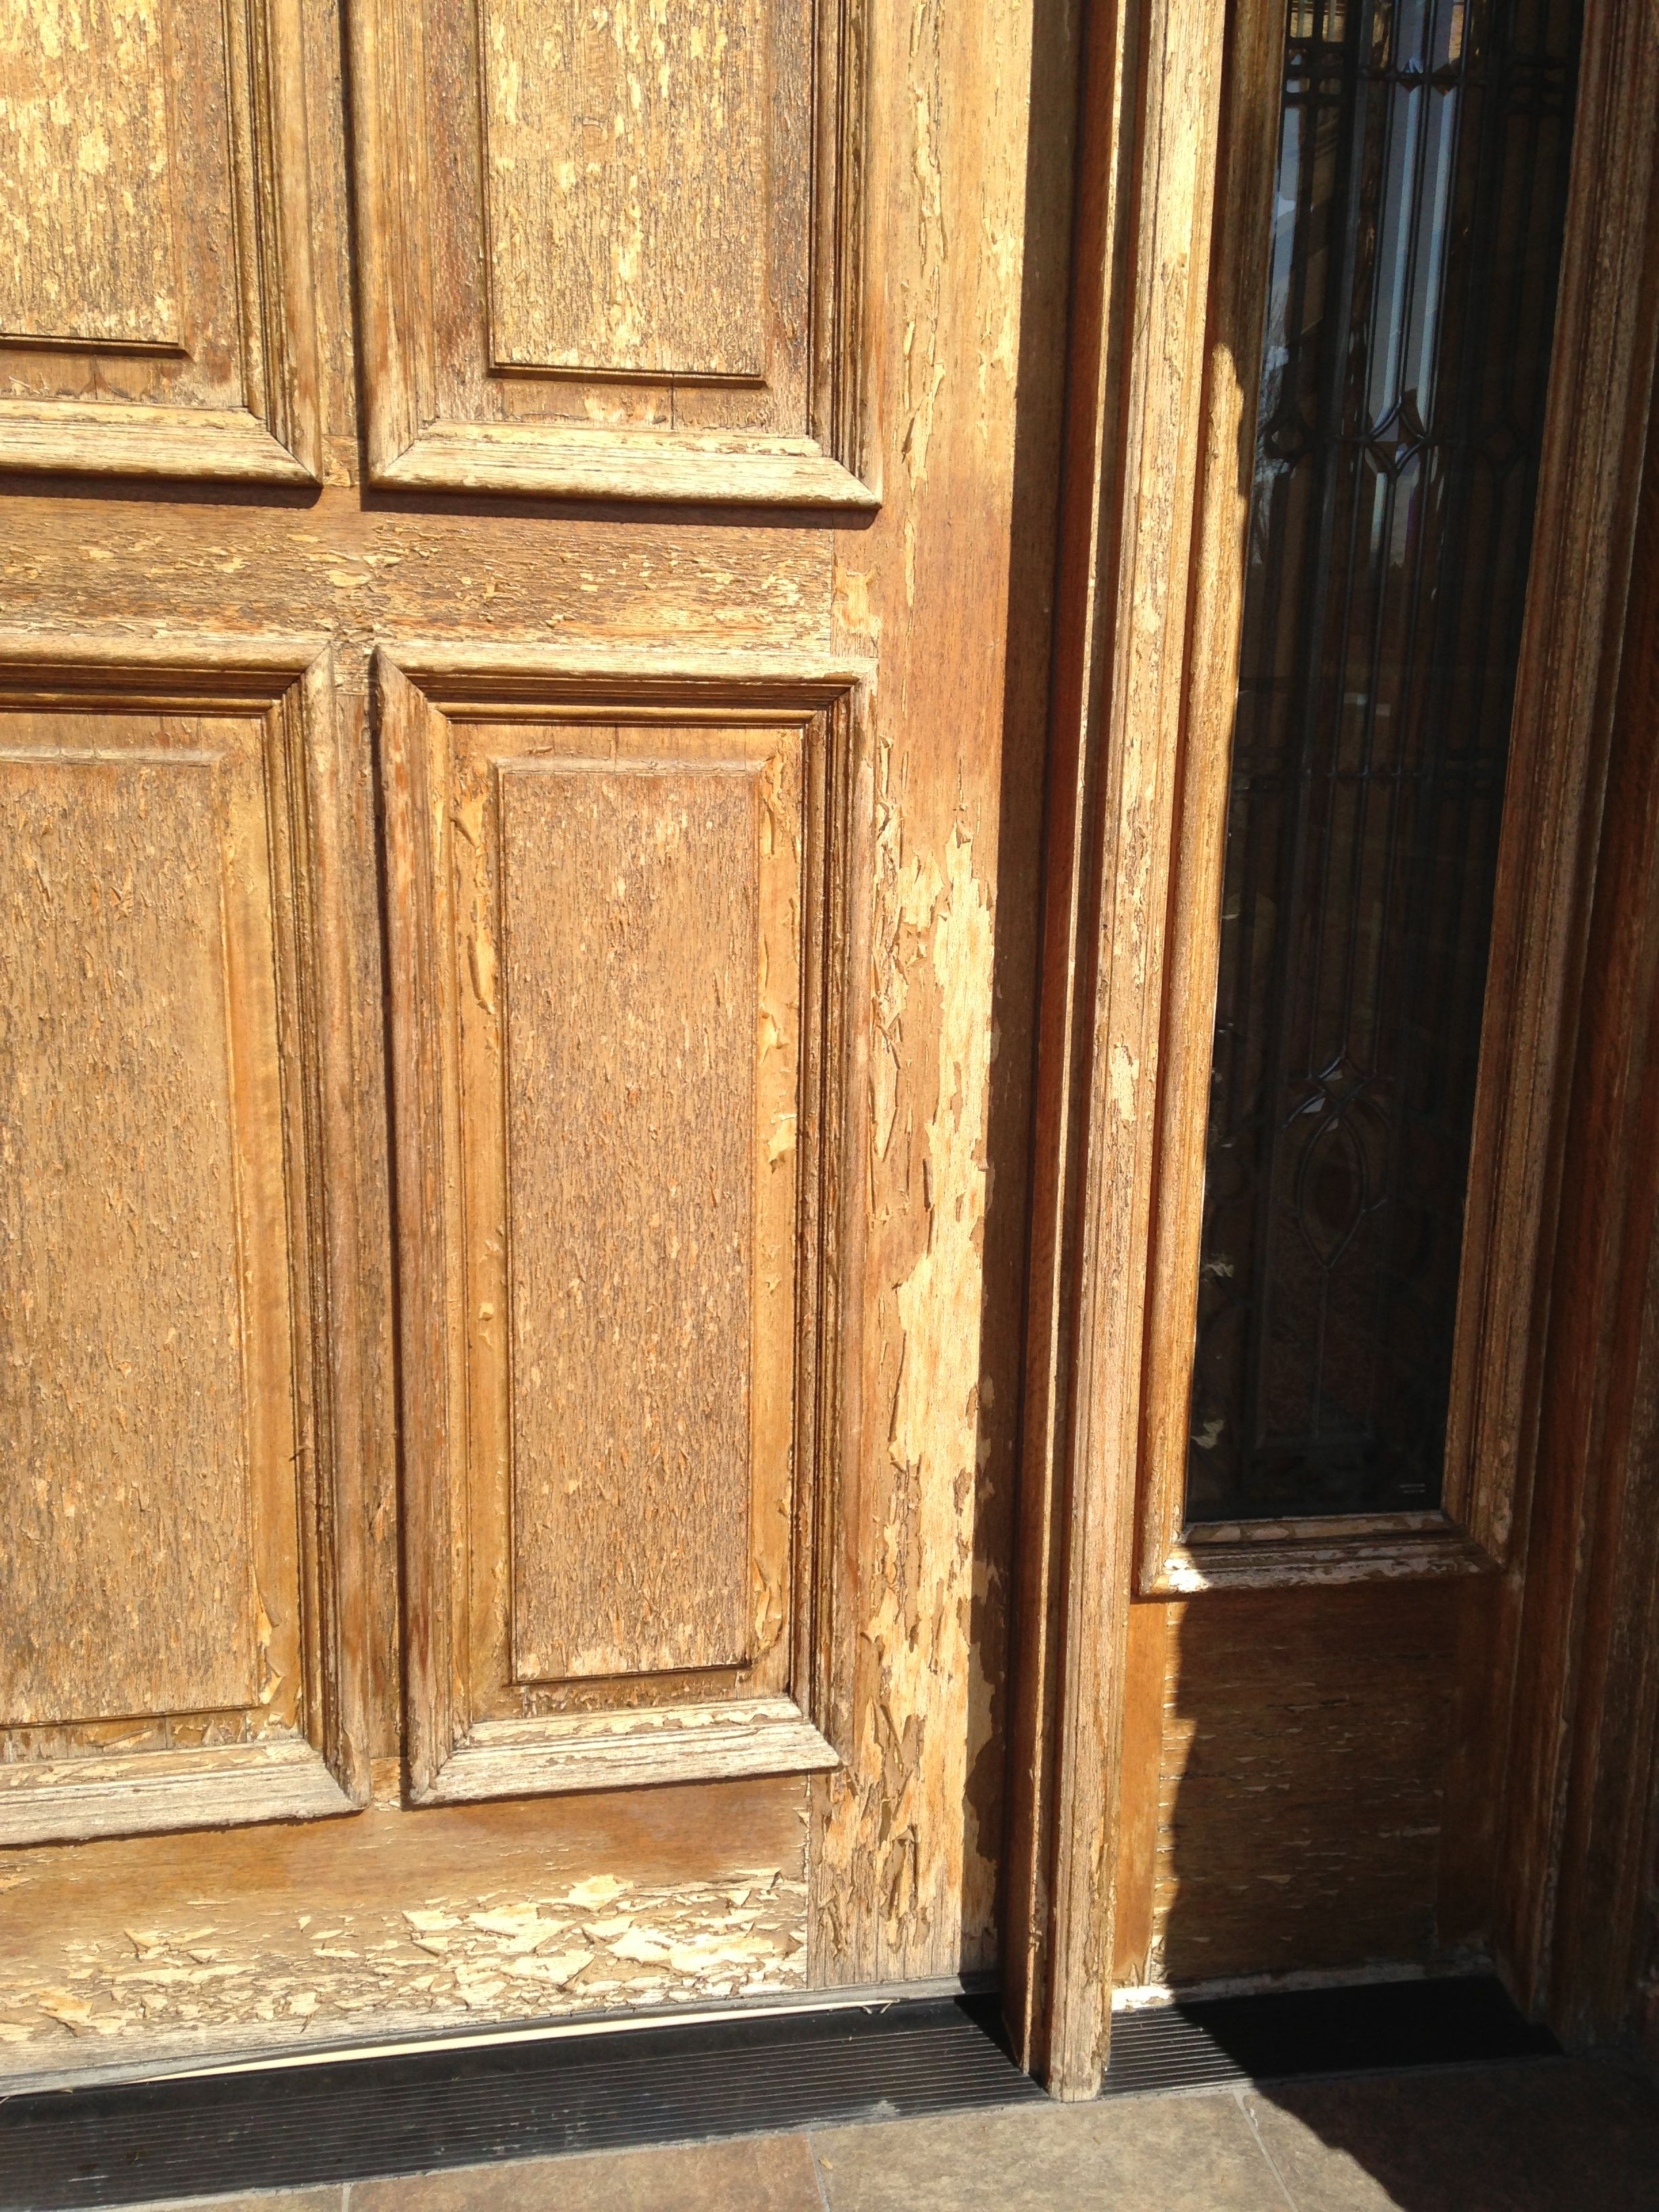 Blog The Cost Of Refinishing A Wood Front Door Or Garage Door Refinishing Wood Front Doors Wooden Front Doors Front Door